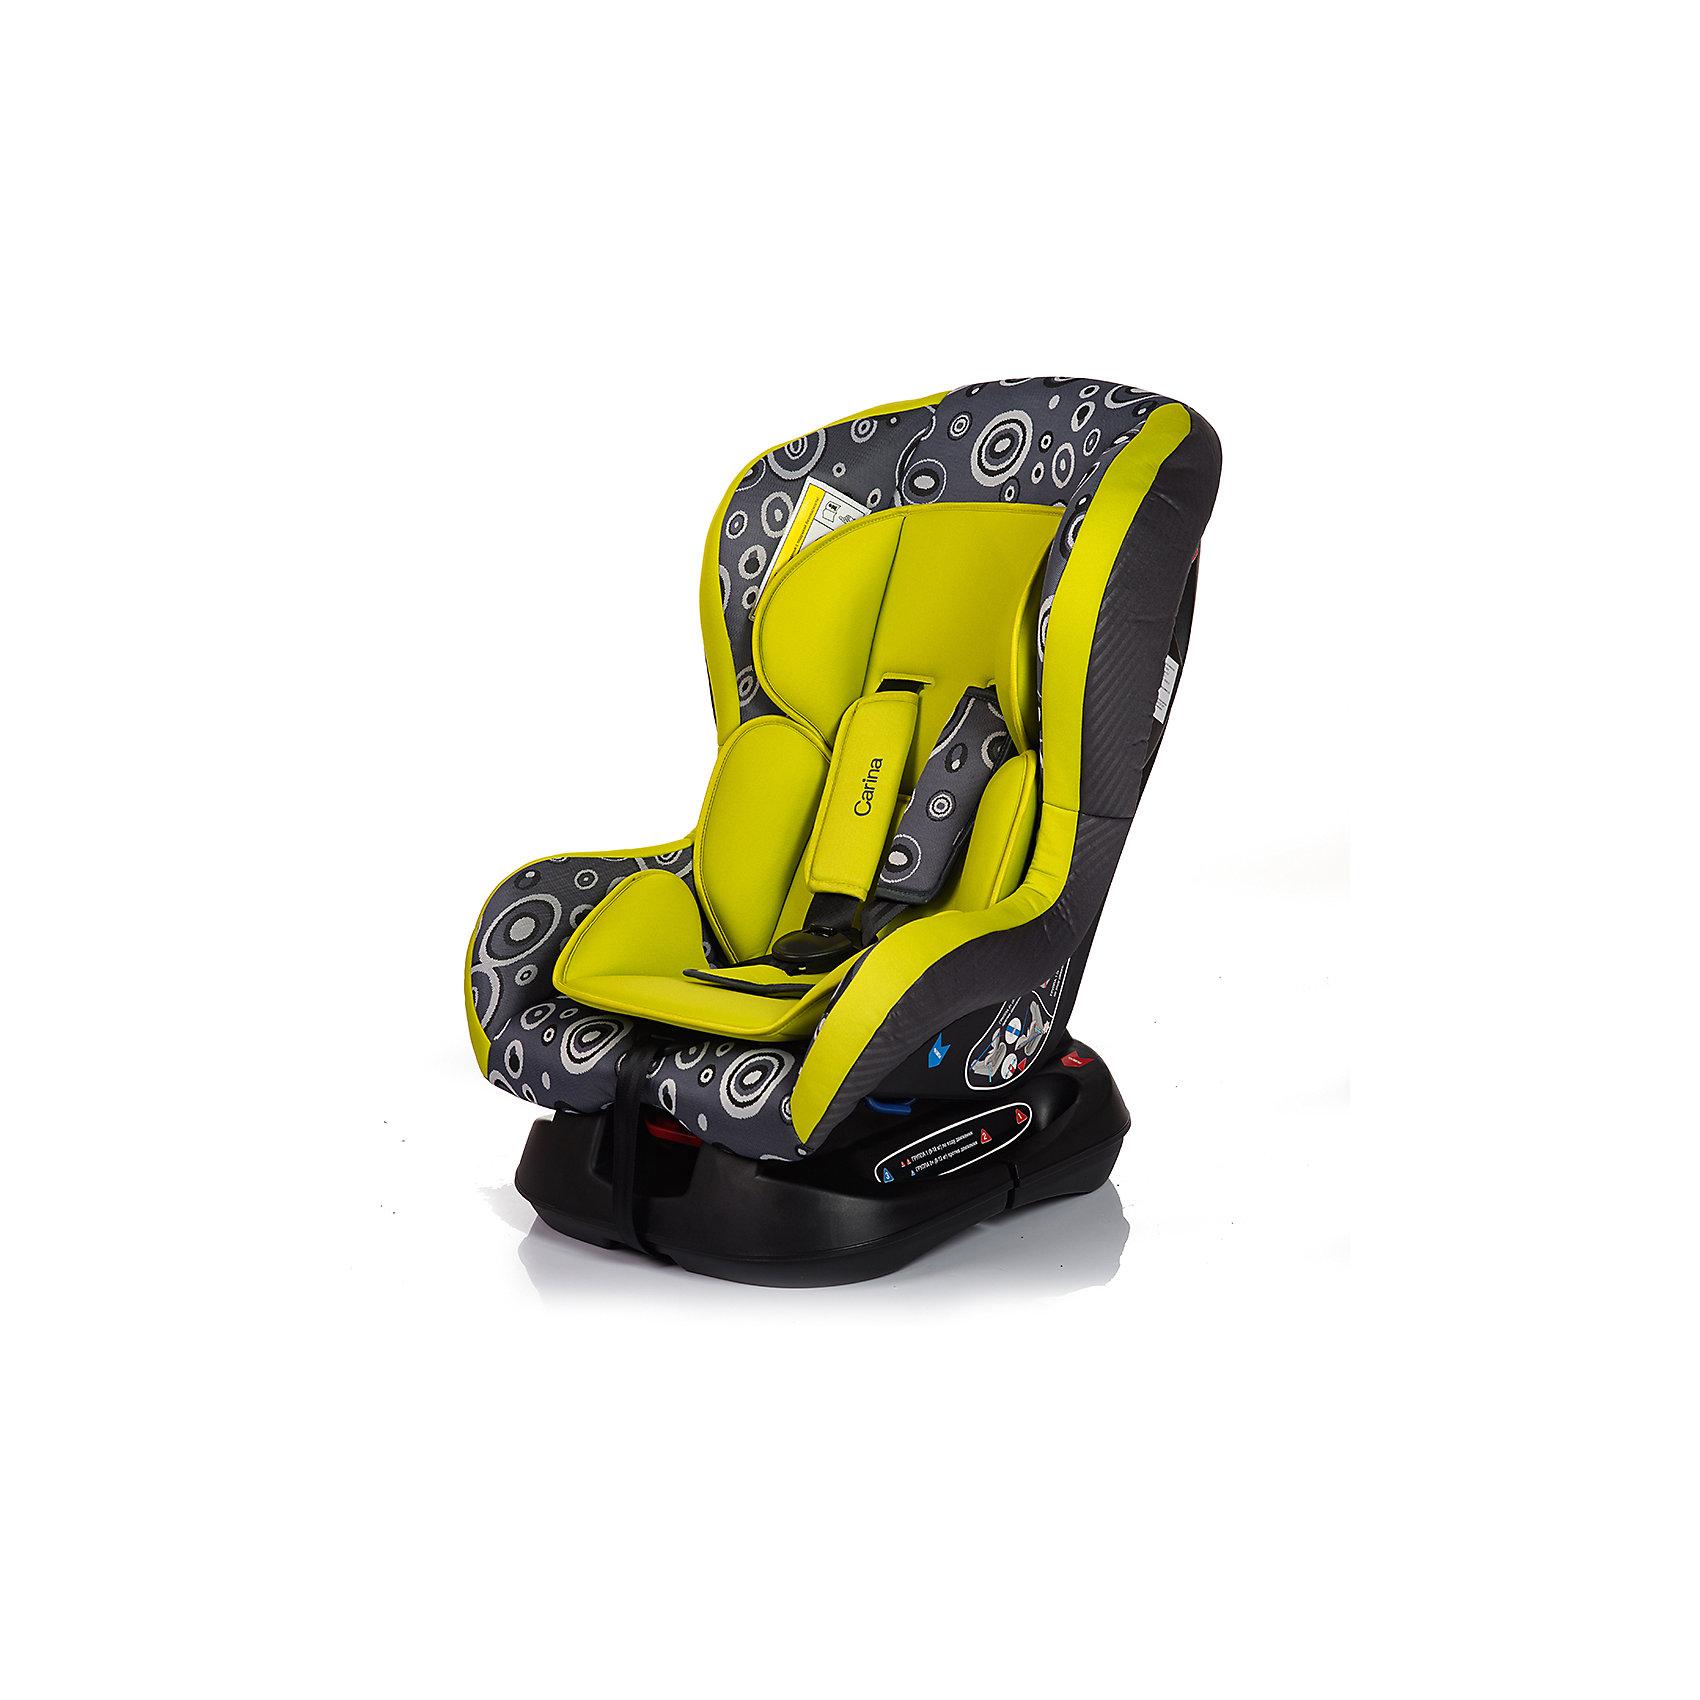 Автокресло CARINA 0-18 кг., Babyhit, зелёно-серыйГруппа 0+/1, для детей весом до 18кг.,Автокресло CARINA - яркое и красивое, и при этом отлично справляется со своей главной задачей - защитой малыша в машине. Крепкая основа и защита головы позволяет с комфортом разместить малыша в автокресле, позаботившись о правильном положении спинки. Чехол легко снимать и стирать, поэтому автокресло легко содержать в чистоте.несколько положений спинки (до полулежа), съемный чехол, мягкий матрасик, 5-ти точечные ремни безопасности с удерживающей системой, препятствующей их соскальзывание с плеч ребёнка,При весе ребенка от 9 до 18 кг. используется лицевой стороной по ходу движения автомобиля; при весе ребенка от 0 до 13 кг. используется спиной к движению автомобиля. соответствует Евростандарту безопасности ЕСЕ44/3<br><br>Ширина мм: 600<br>Глубина мм: 450<br>Высота мм: 820<br>Вес г: 7500<br>Возраст от месяцев: 0<br>Возраст до месяцев: 48<br>Пол: Унисекс<br>Возраст: Детский<br>SKU: 5500251